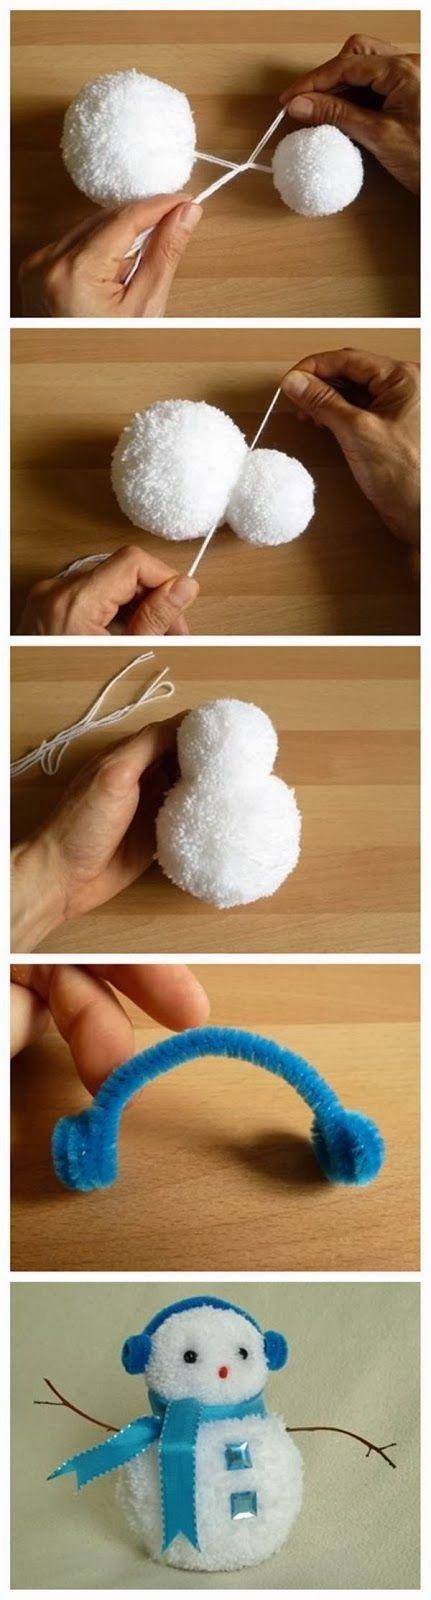 Bonhomme de neige .